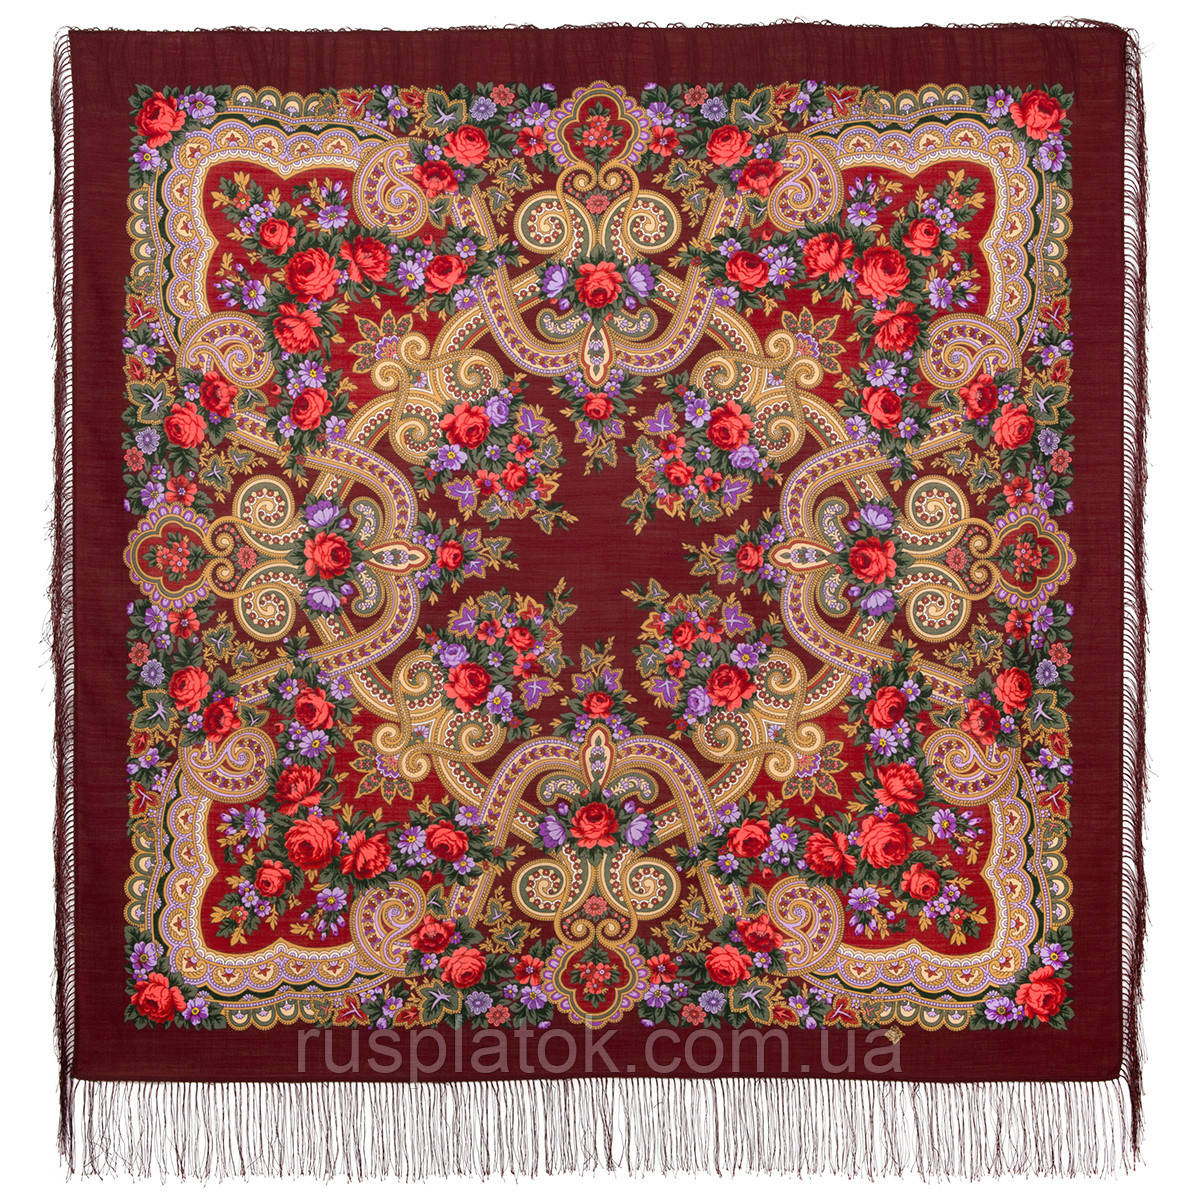 Серенада 11-6, павлопосадский платок шерстяной с шелковой бахромой